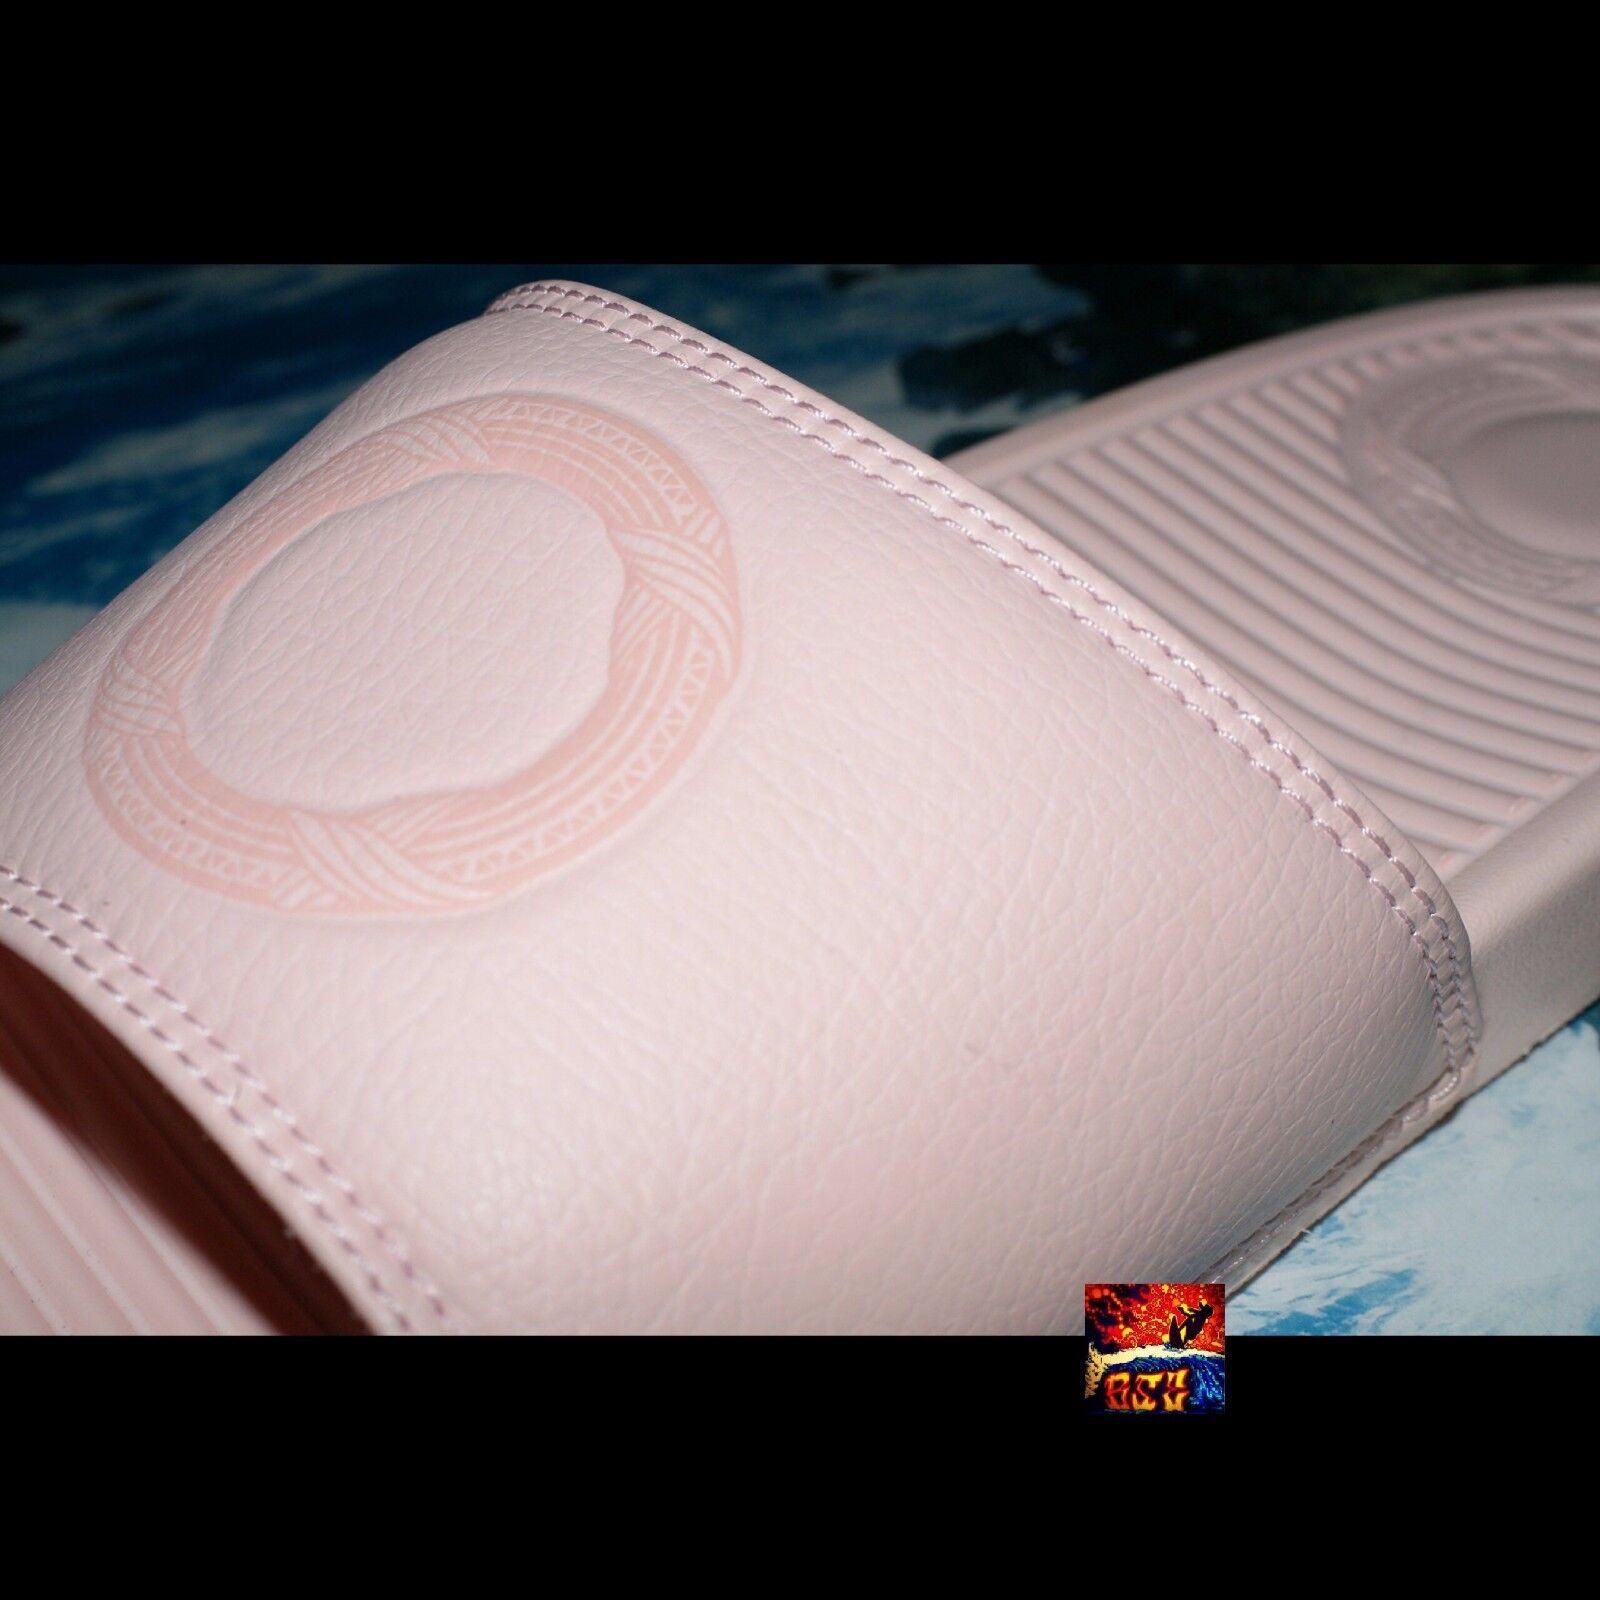 Sandale Boyz Rose Pastel Sandales SZ 12 sandalboyz 11.5